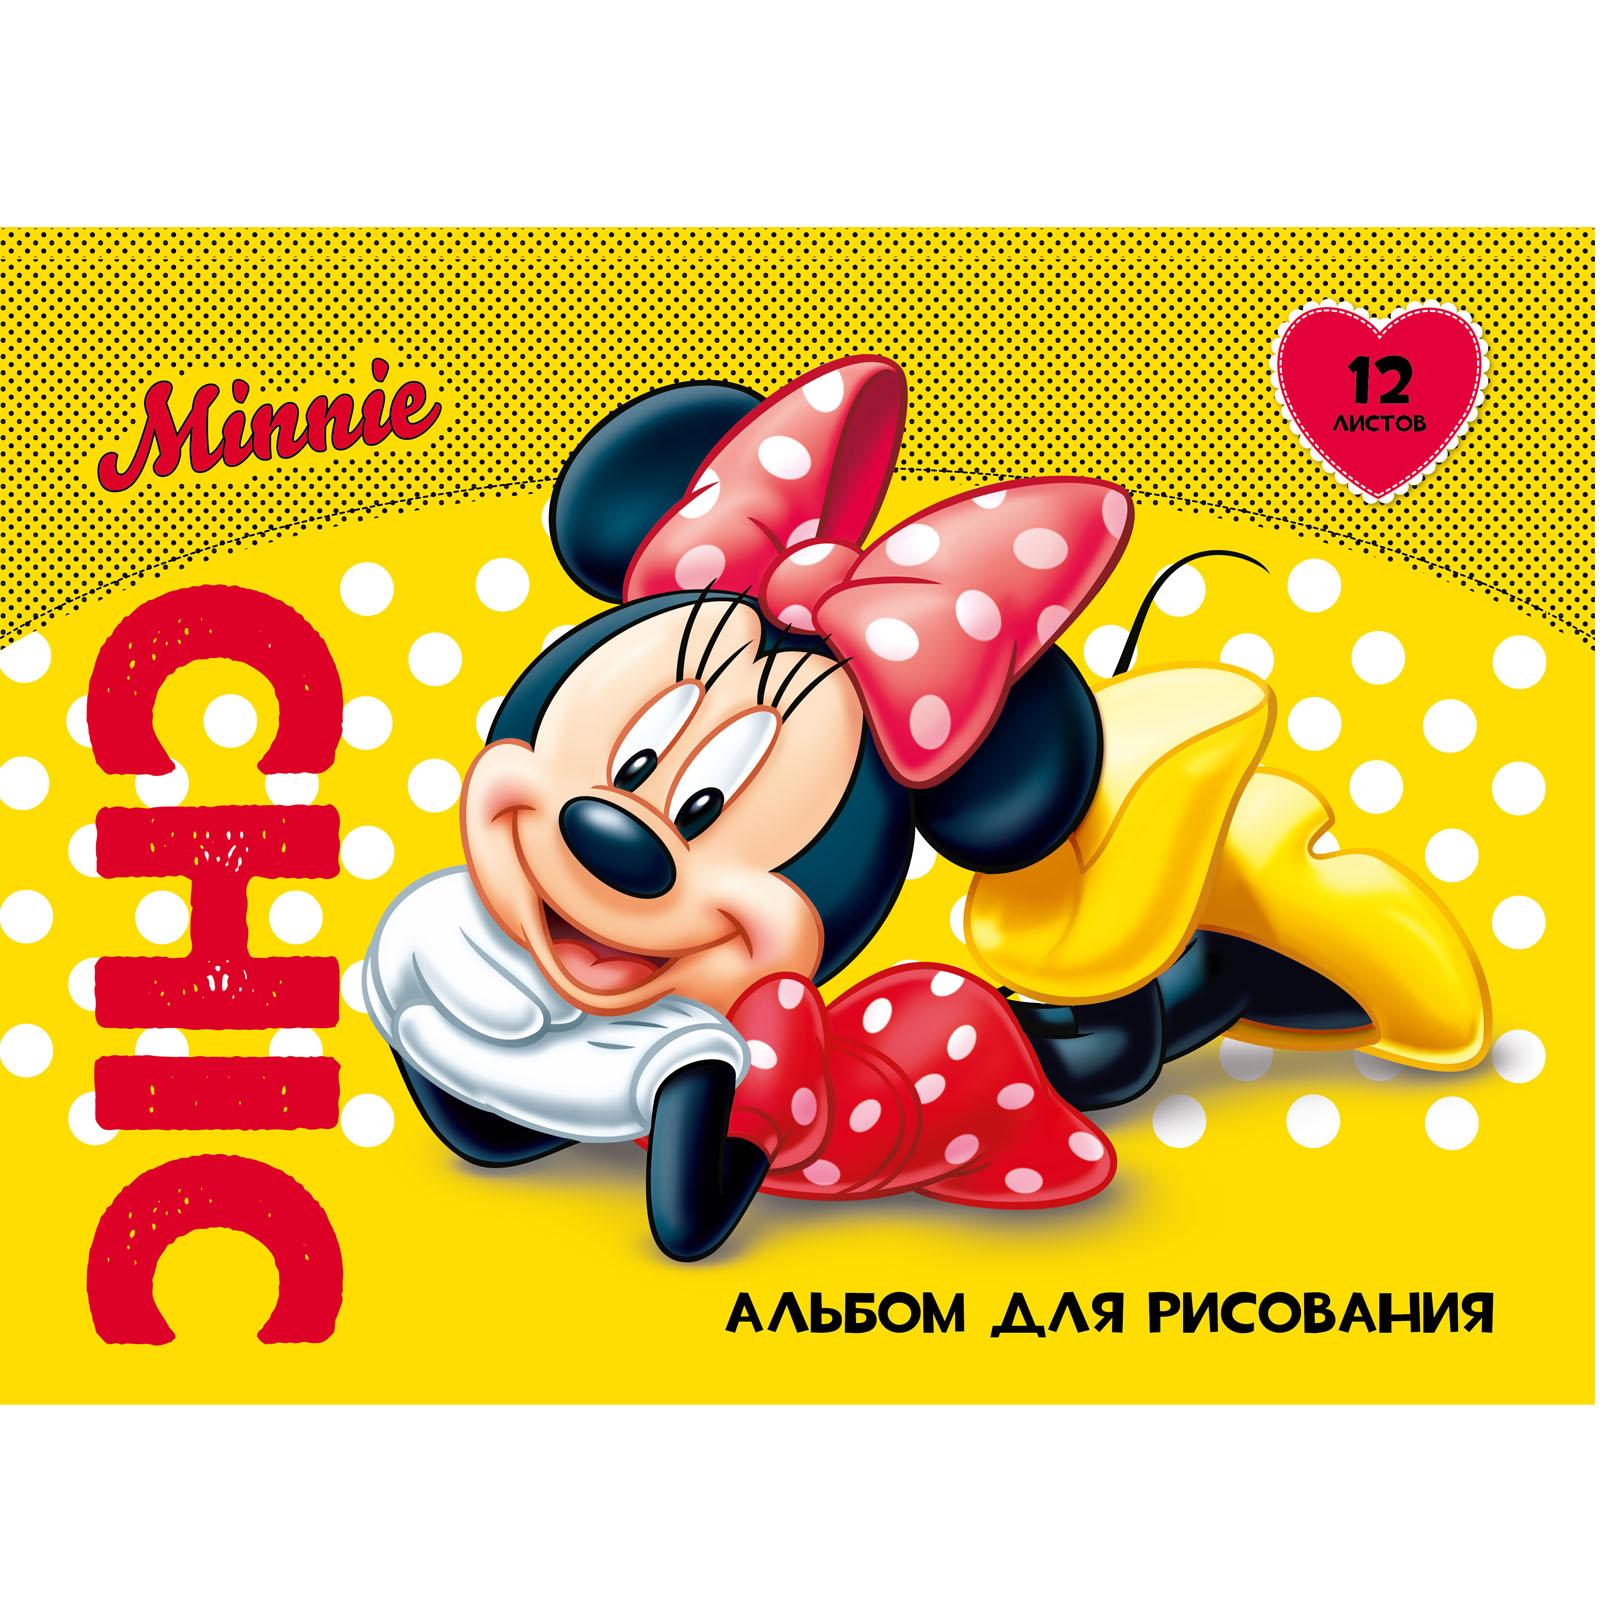 Альбом для рисования Disney «Минни», 12 листовАльбомы для рисования<br>Альбом для рисования Disney «Минни», 12 листов<br>